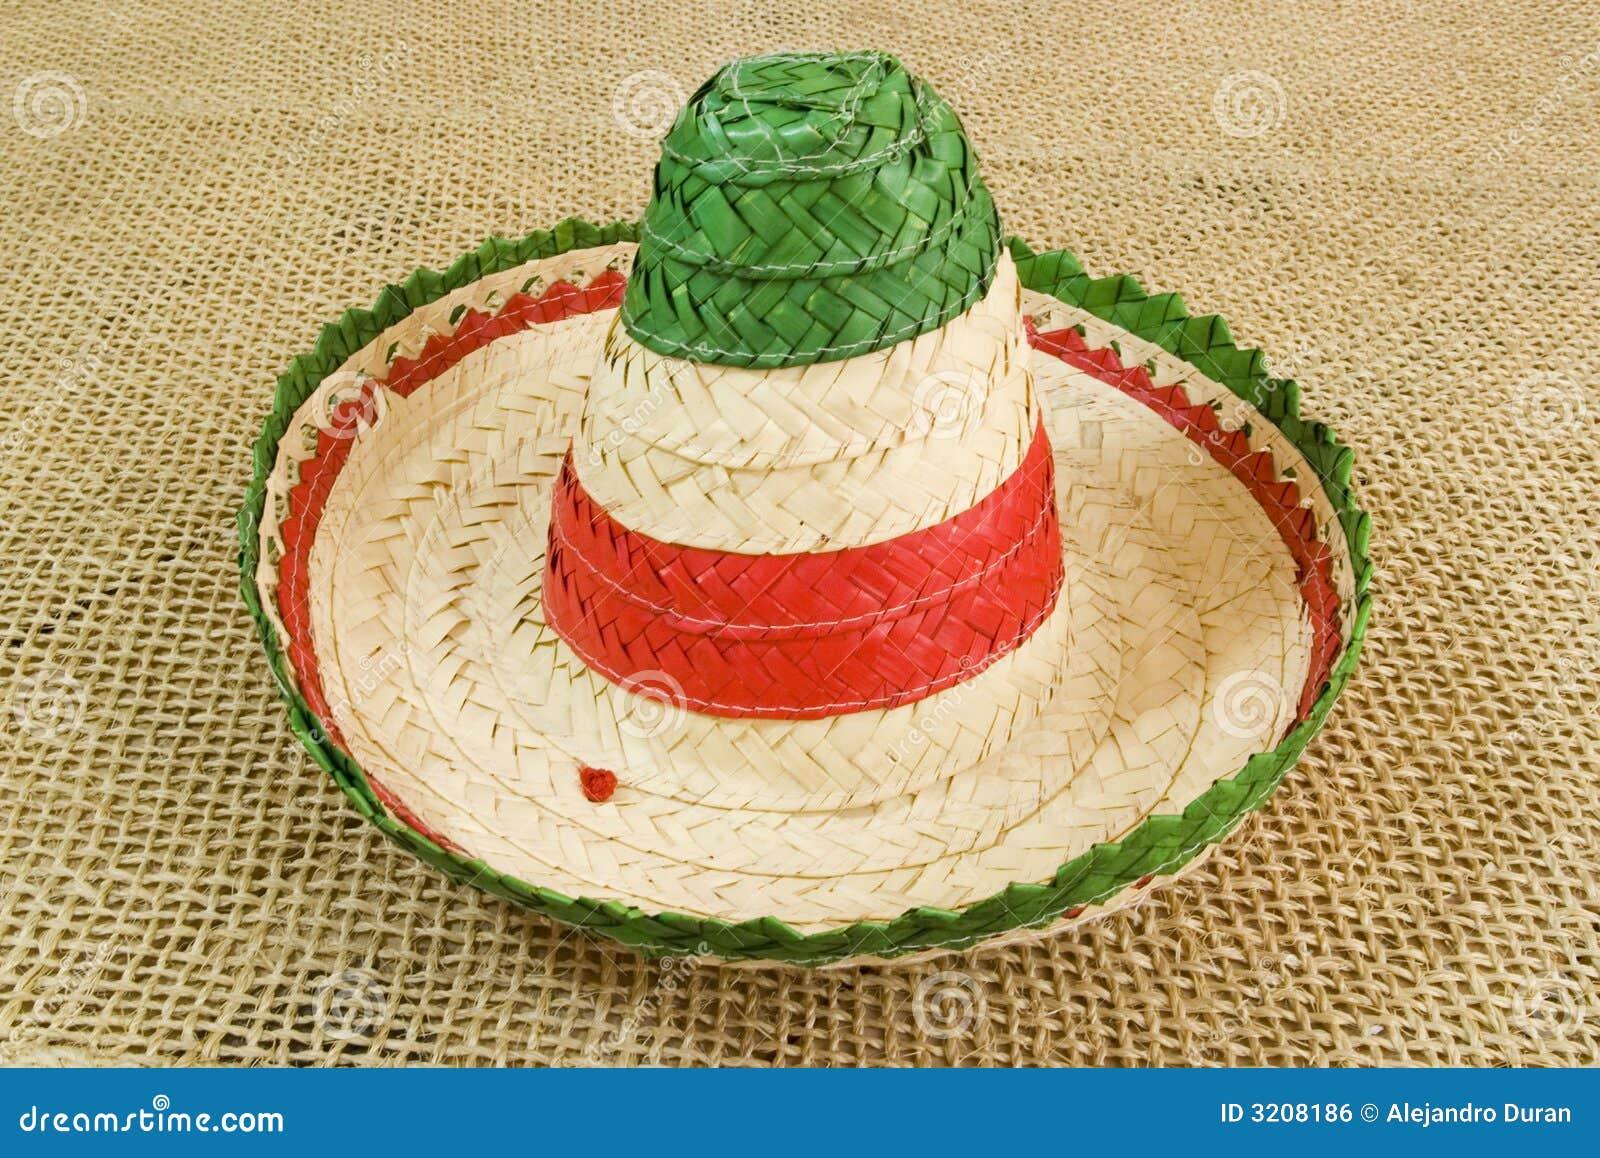 el sombrero latino personals Ver el gato y su sombrero mágico online gratis, pelicula completa, dvd, dvd-rip, buena calidad hd, 720p, 1080p, full hd, br, bluray en español, latino.